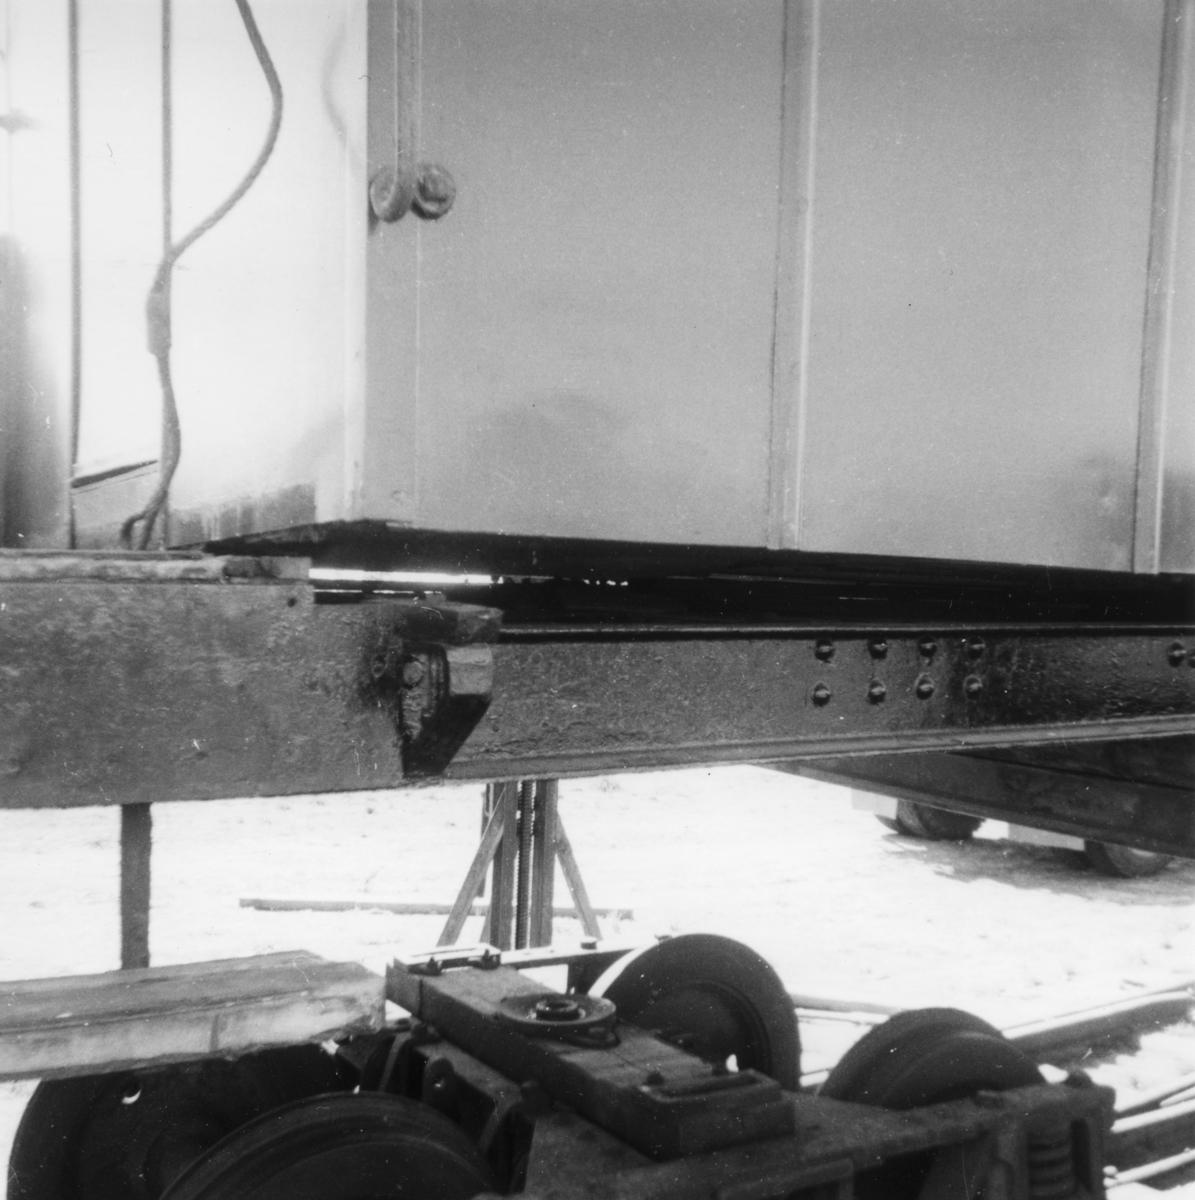 Persovogn BCo 3 ble flyttet fra Sørumsand verksteds område til museumsbanen våren 1965. Her er vognen i ferd med å bli lastet opp på trailer ved Sørumsand verkstad.